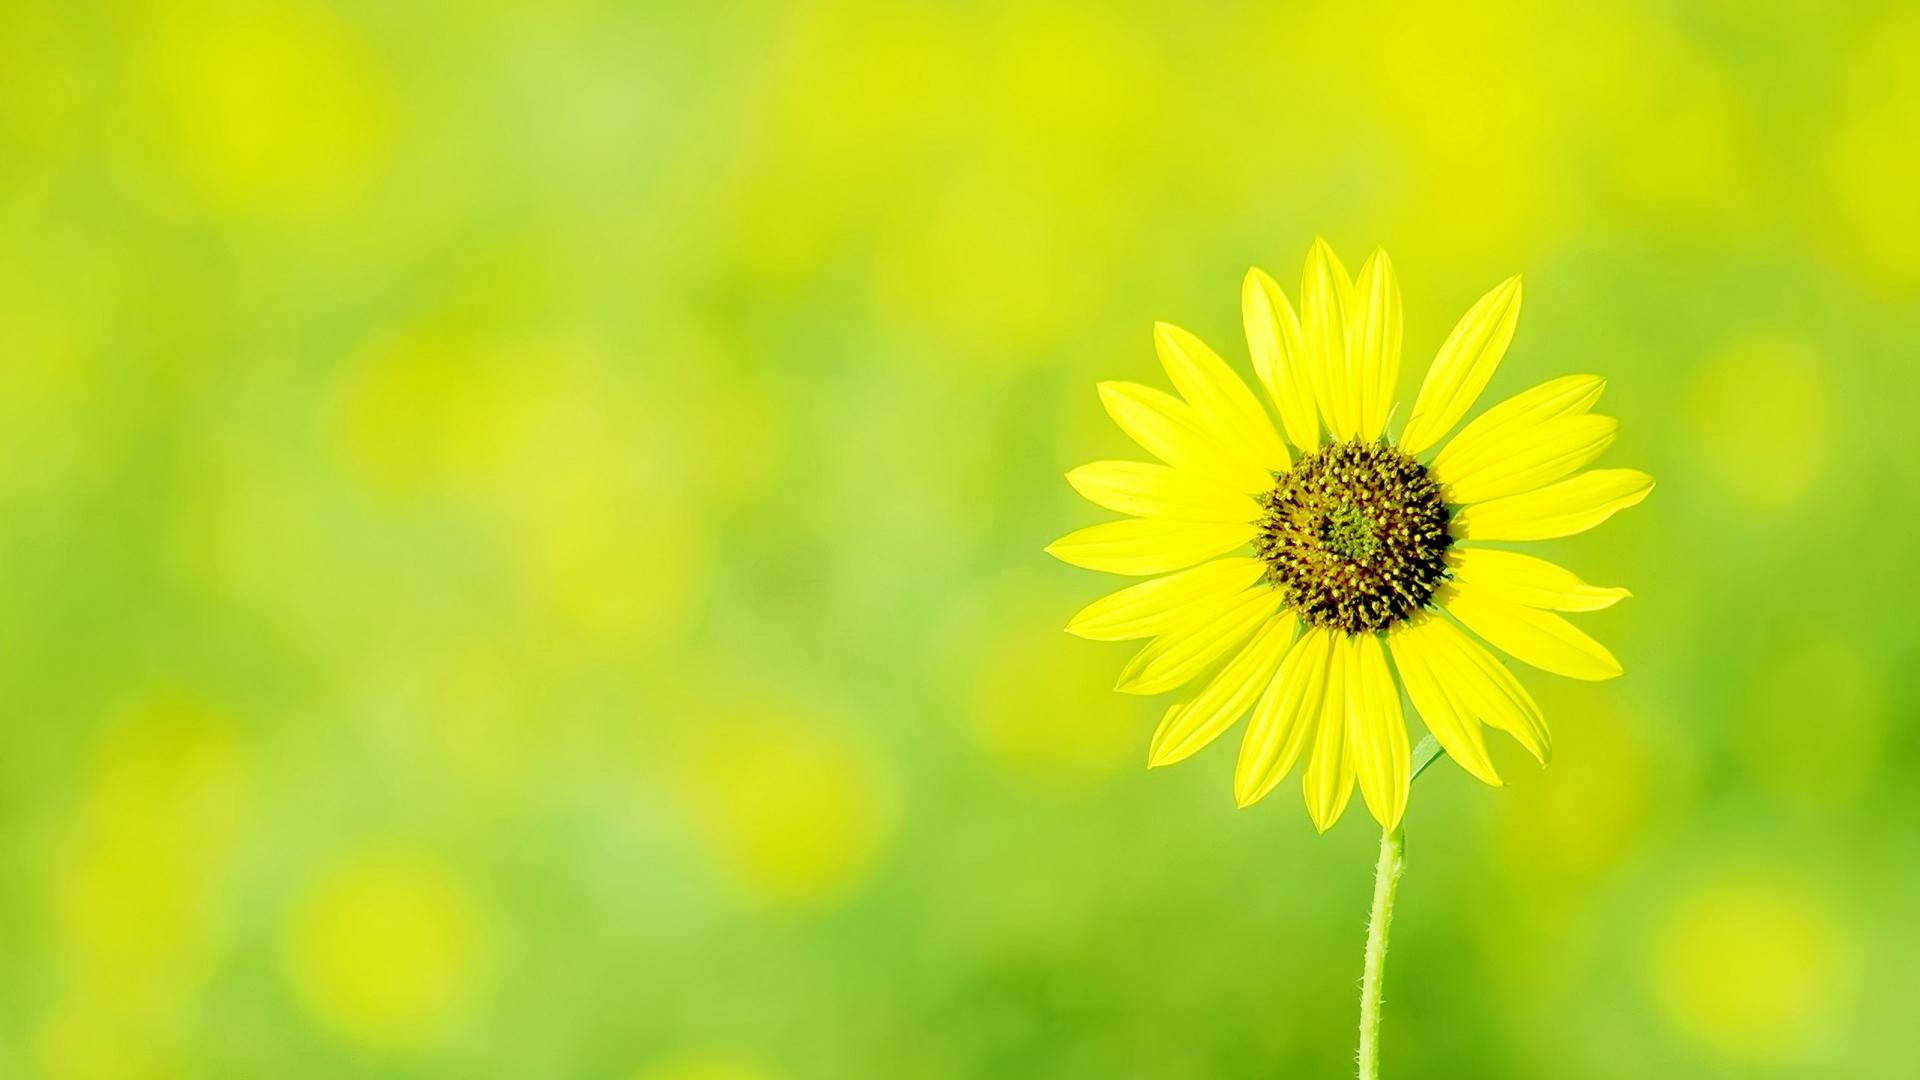 фотографий картинки на рабочий стол зеленый желтый часто можно встретить